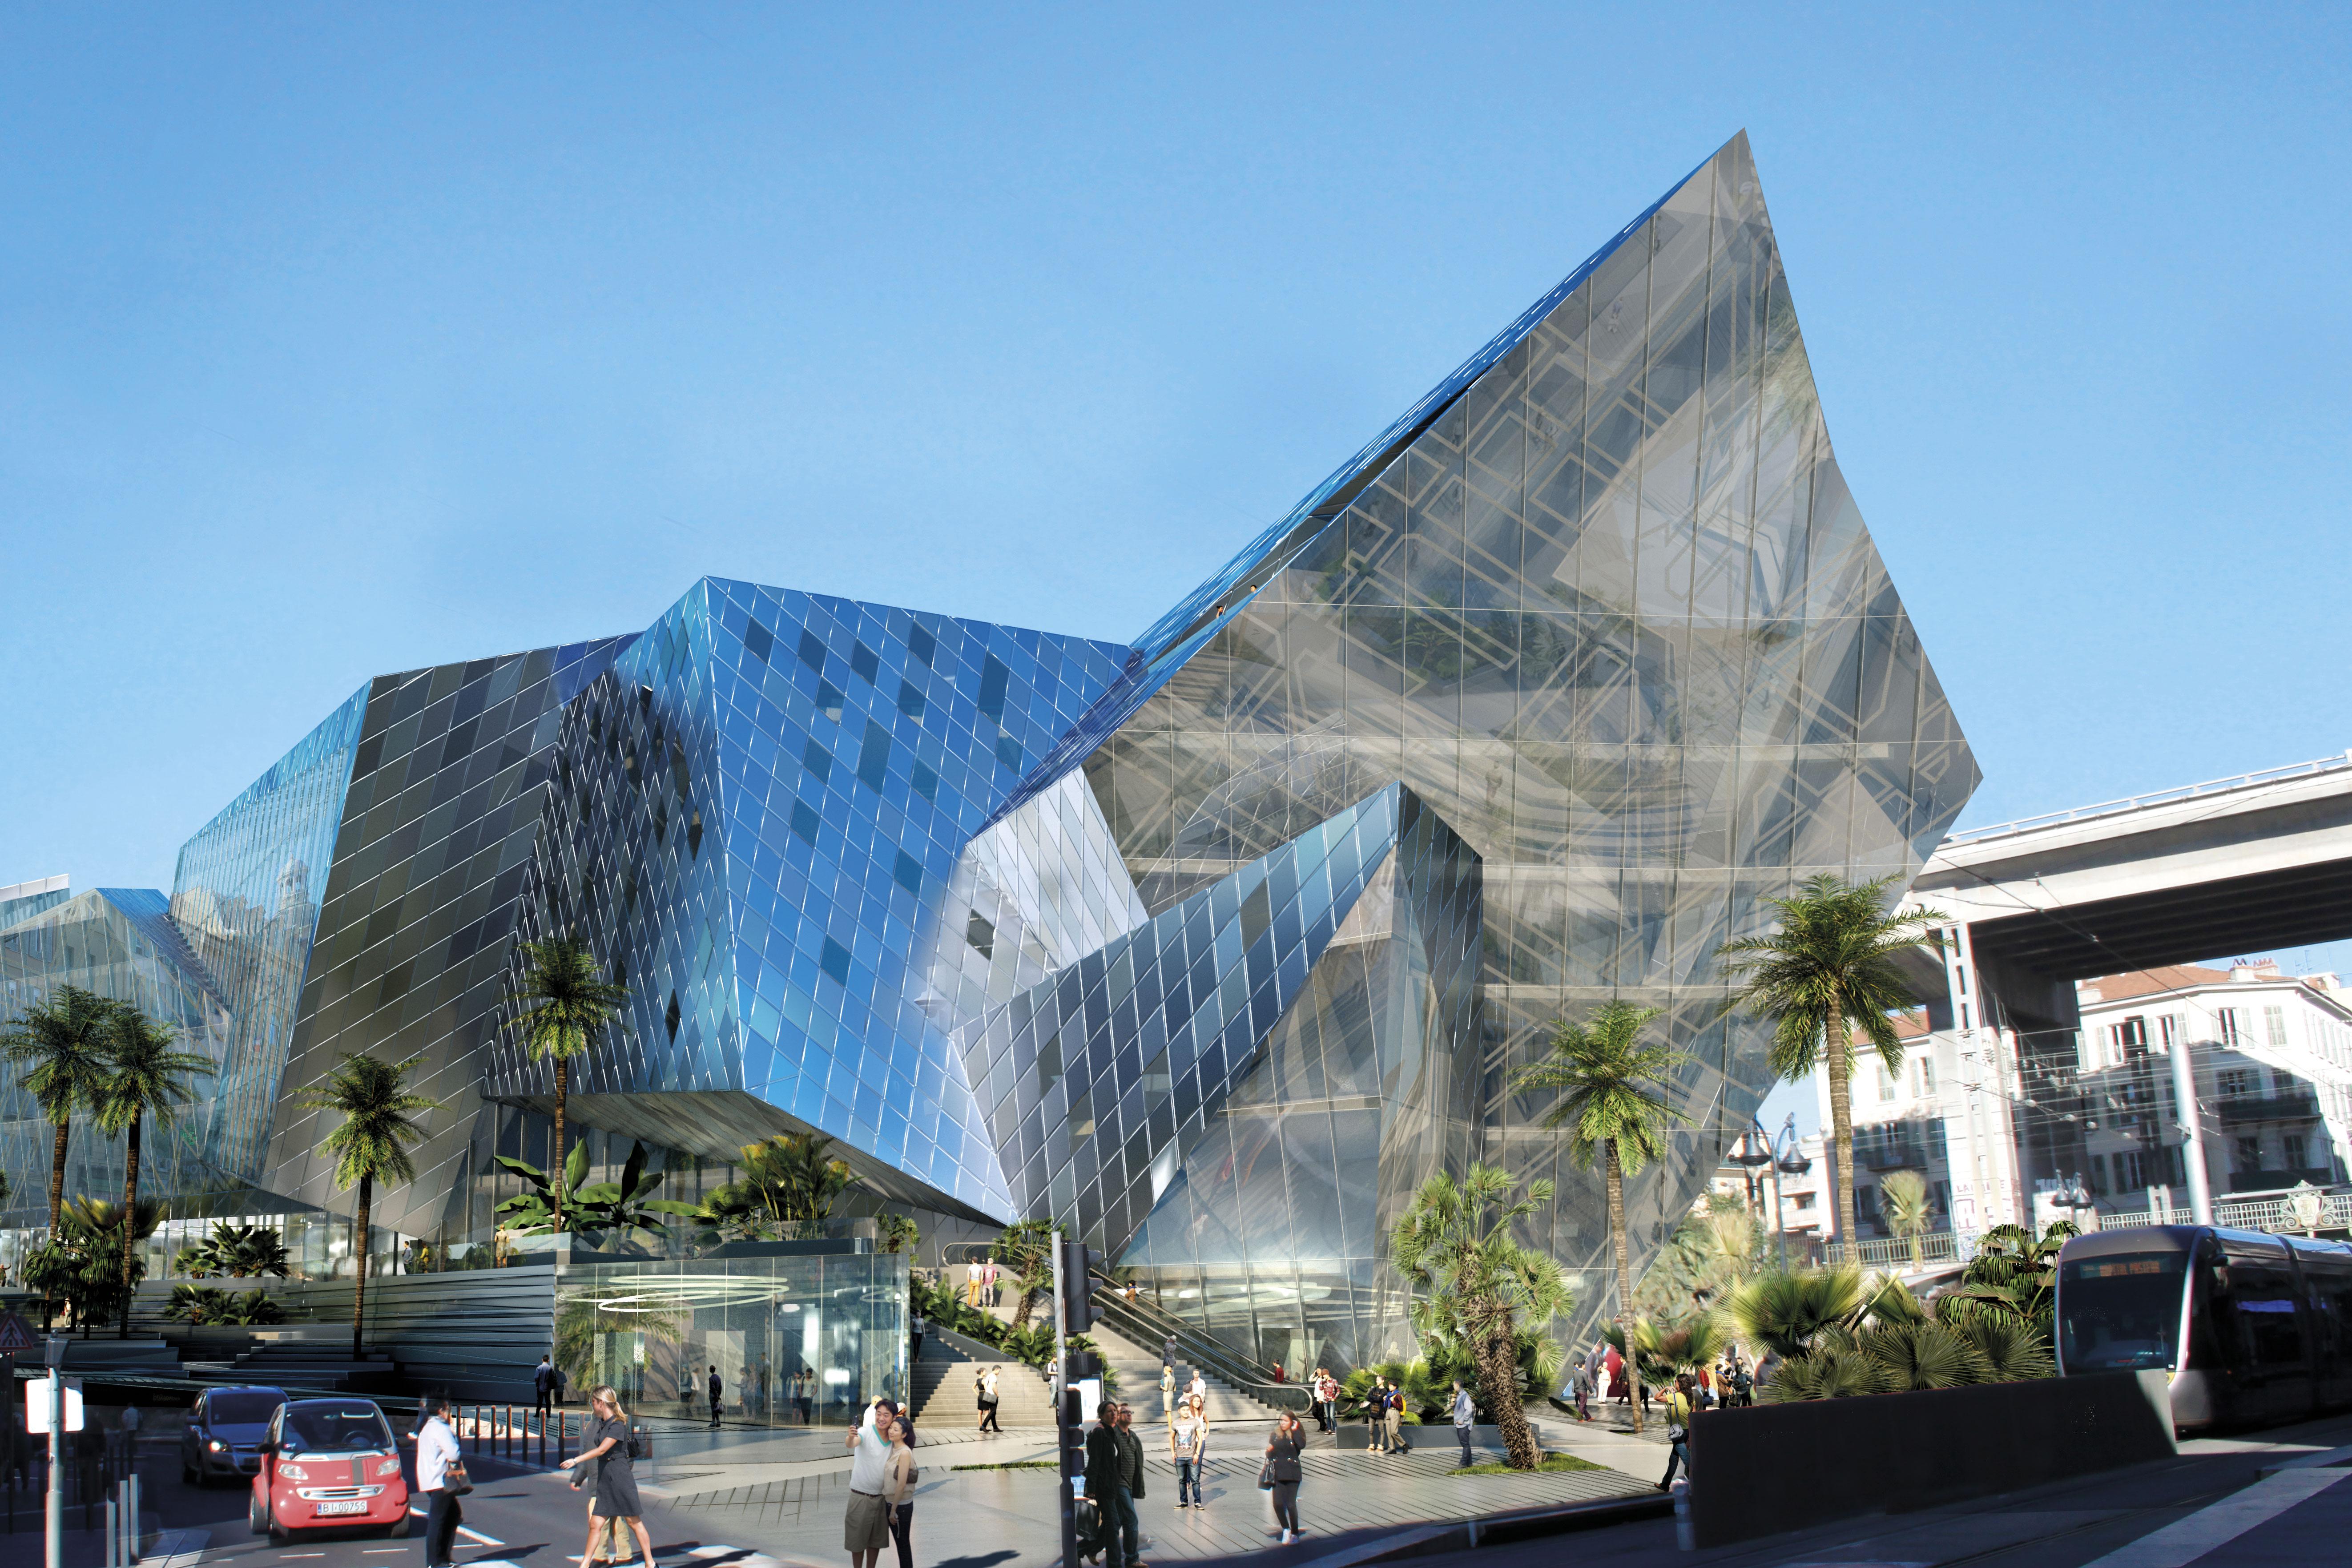 projet-urbanisme-nice-ICONIC-Studio-Libeskind